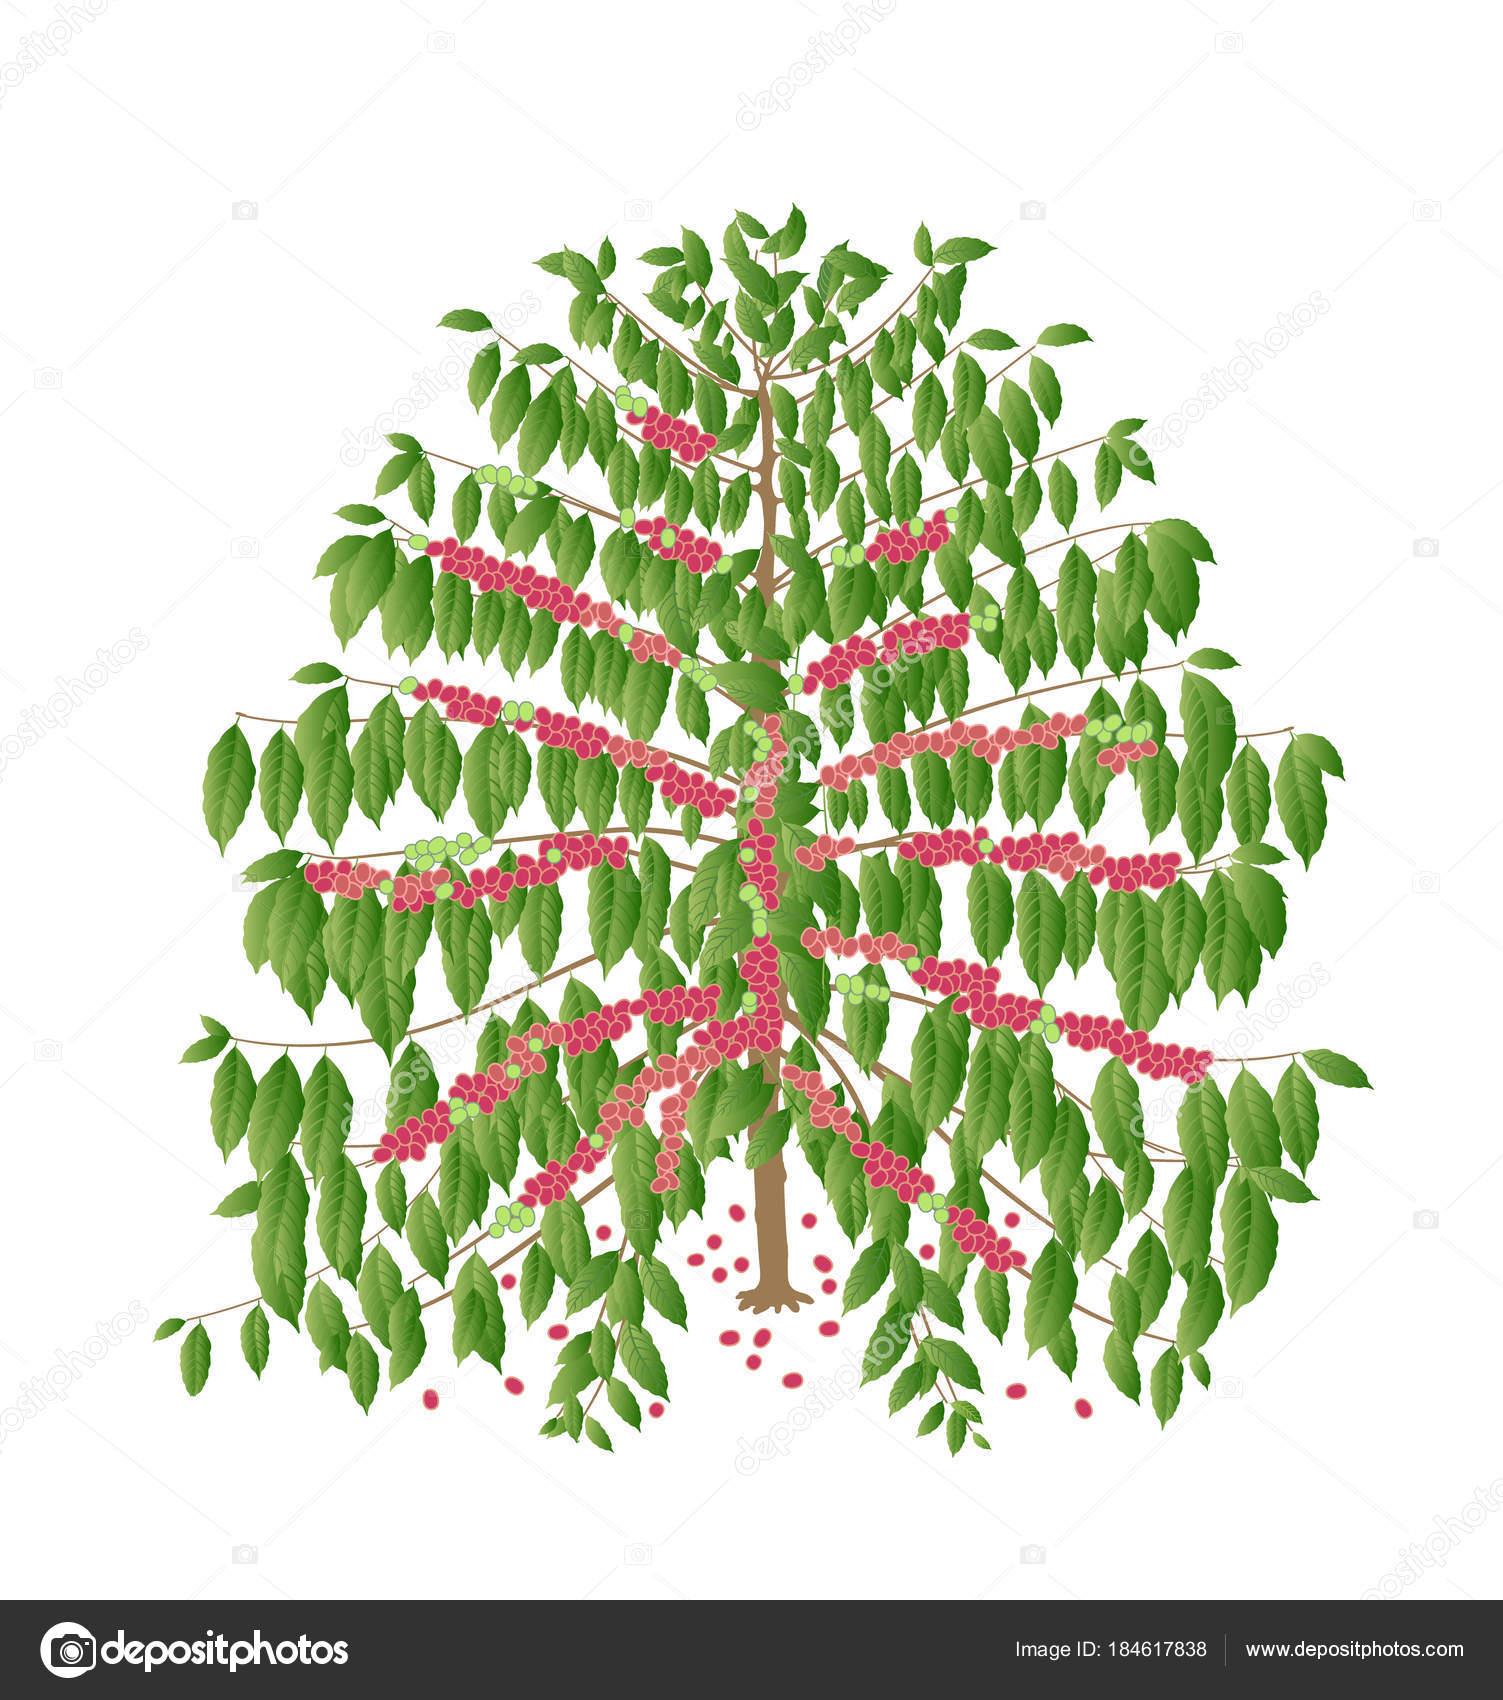 Im genes arbol de cafe rbol caf con frutos rojos for Arbol de frutos rojos pequenos